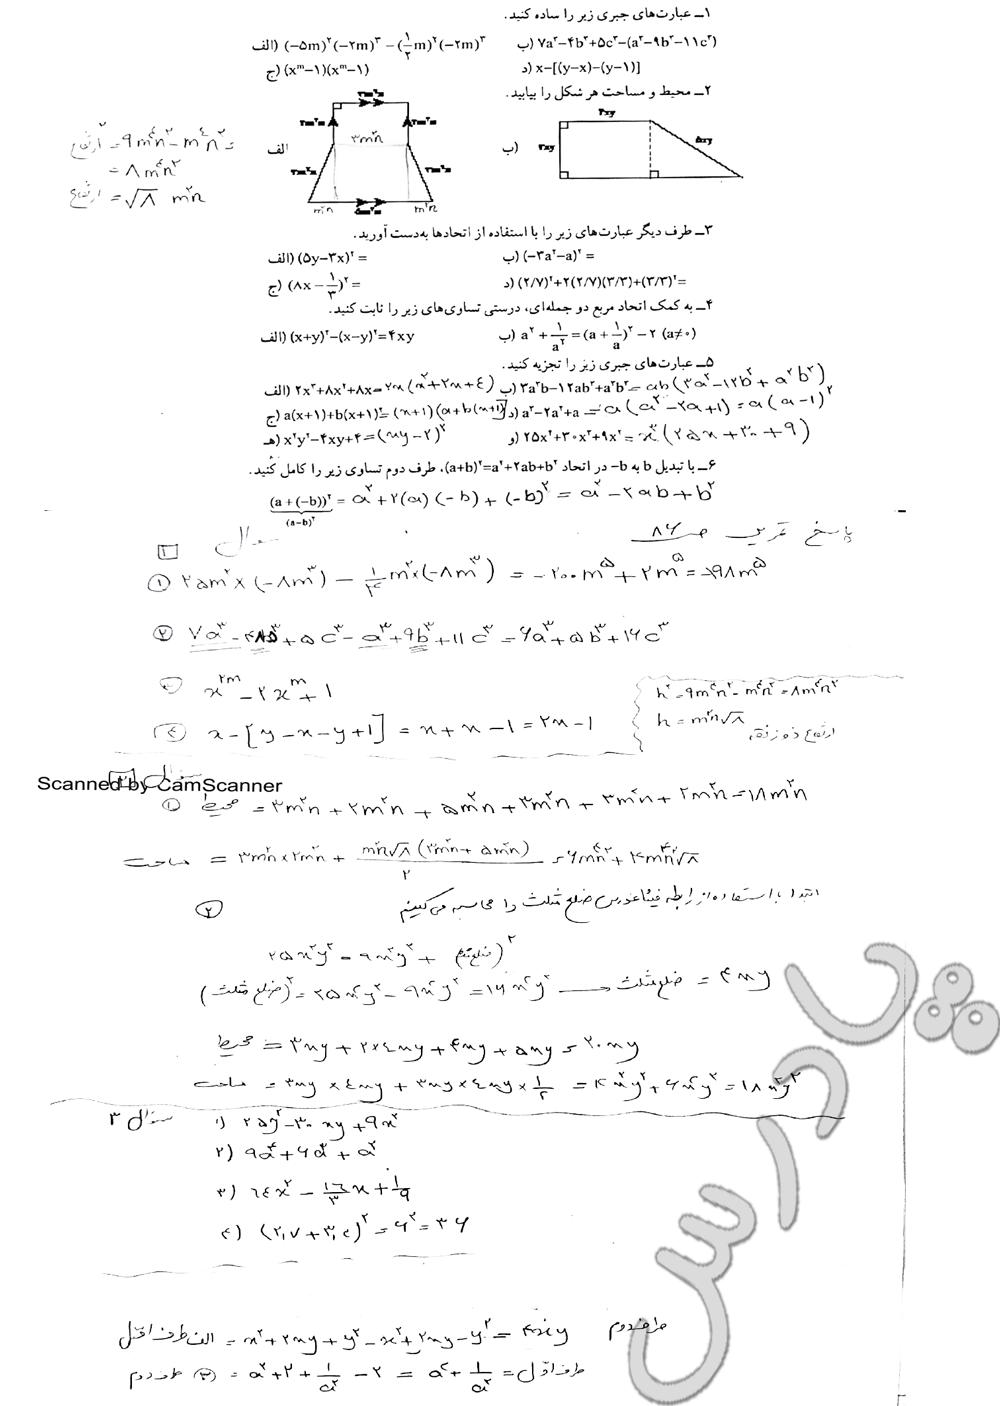 حل تمرین صفحه 85 ریاضی نهم